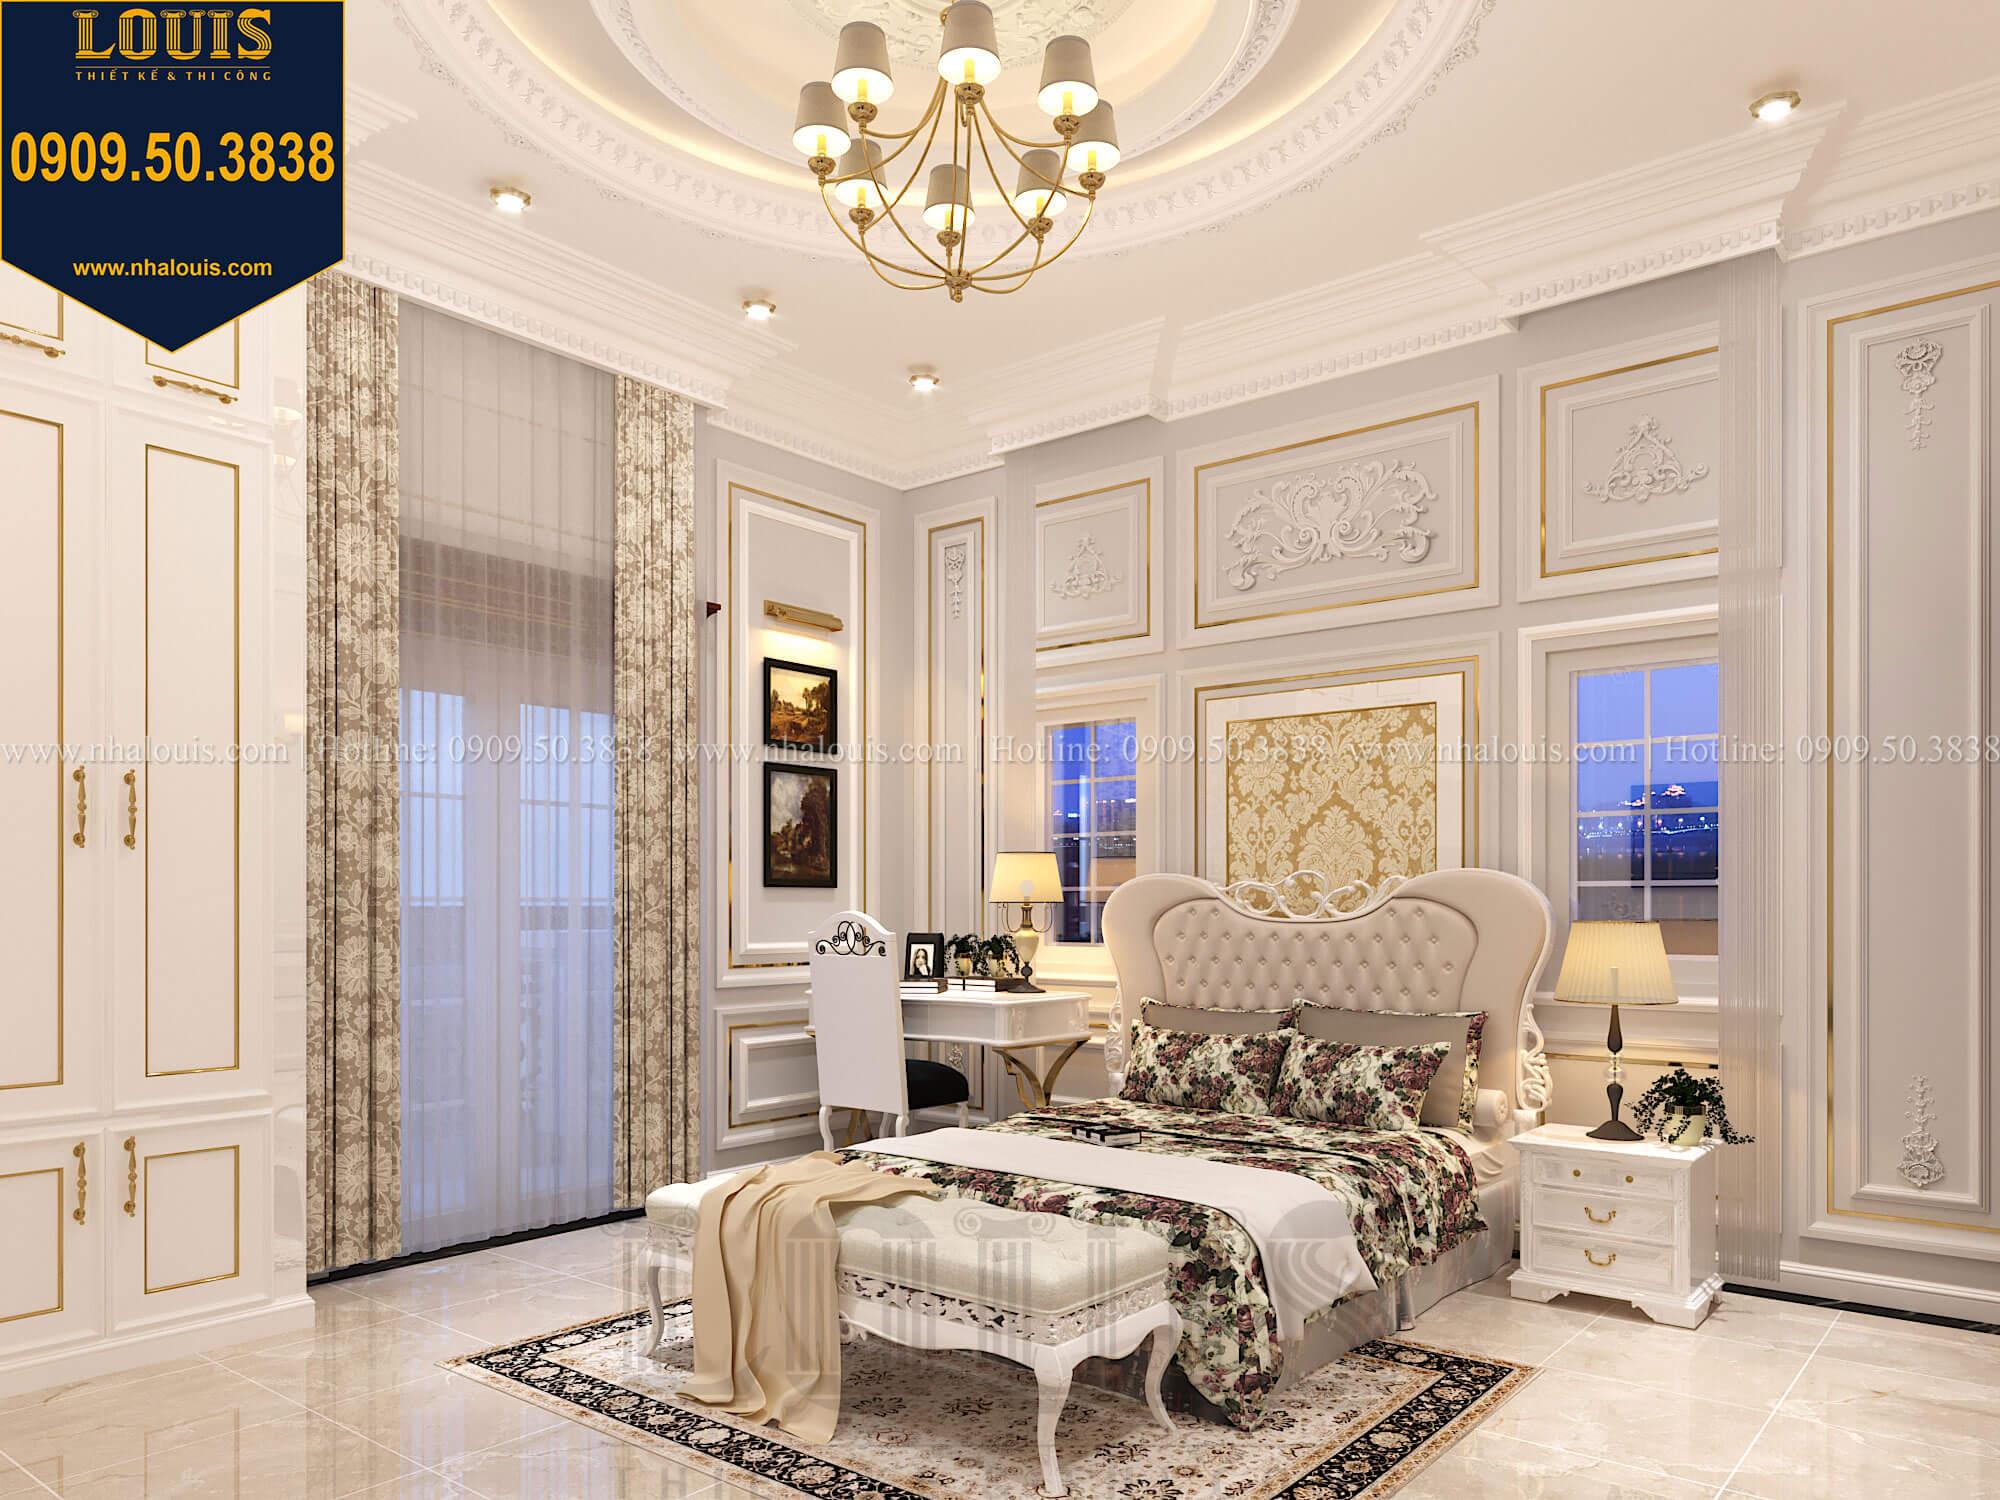 Phòng ngủ con gái Thiết kế biệt thự cổ điển 2 tầng nguy nga và đẳng cấp tại Tây Ninh - 58